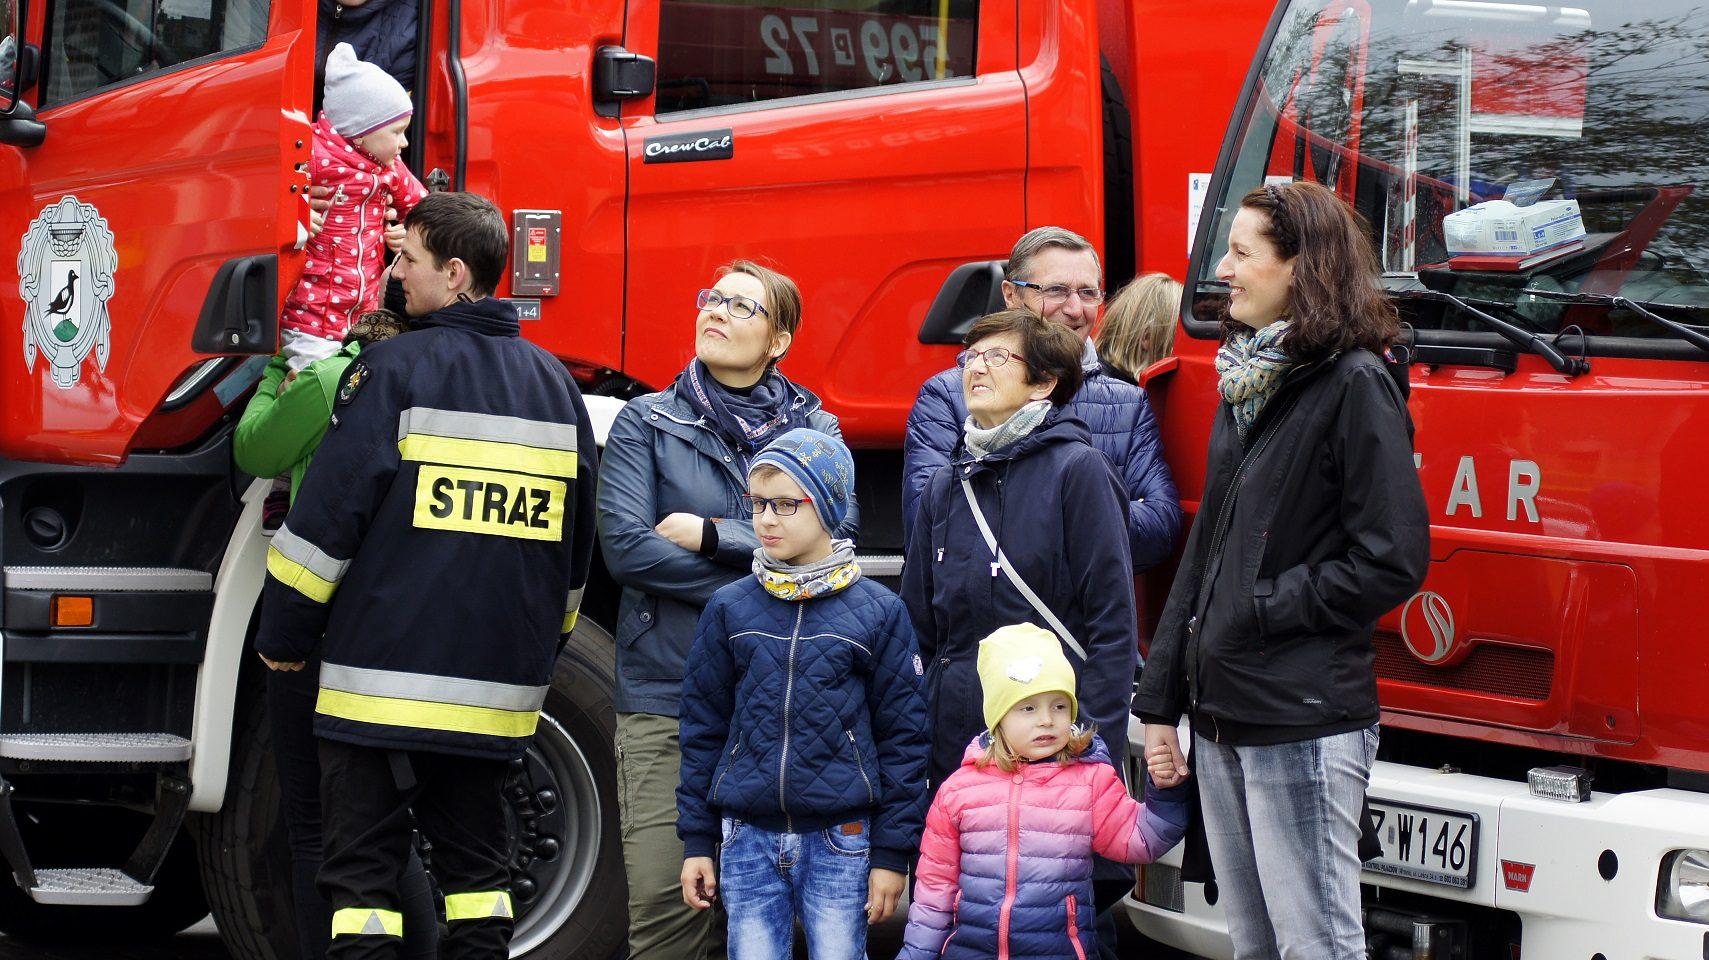 Bramy straży pożarnej ponownie otwarte